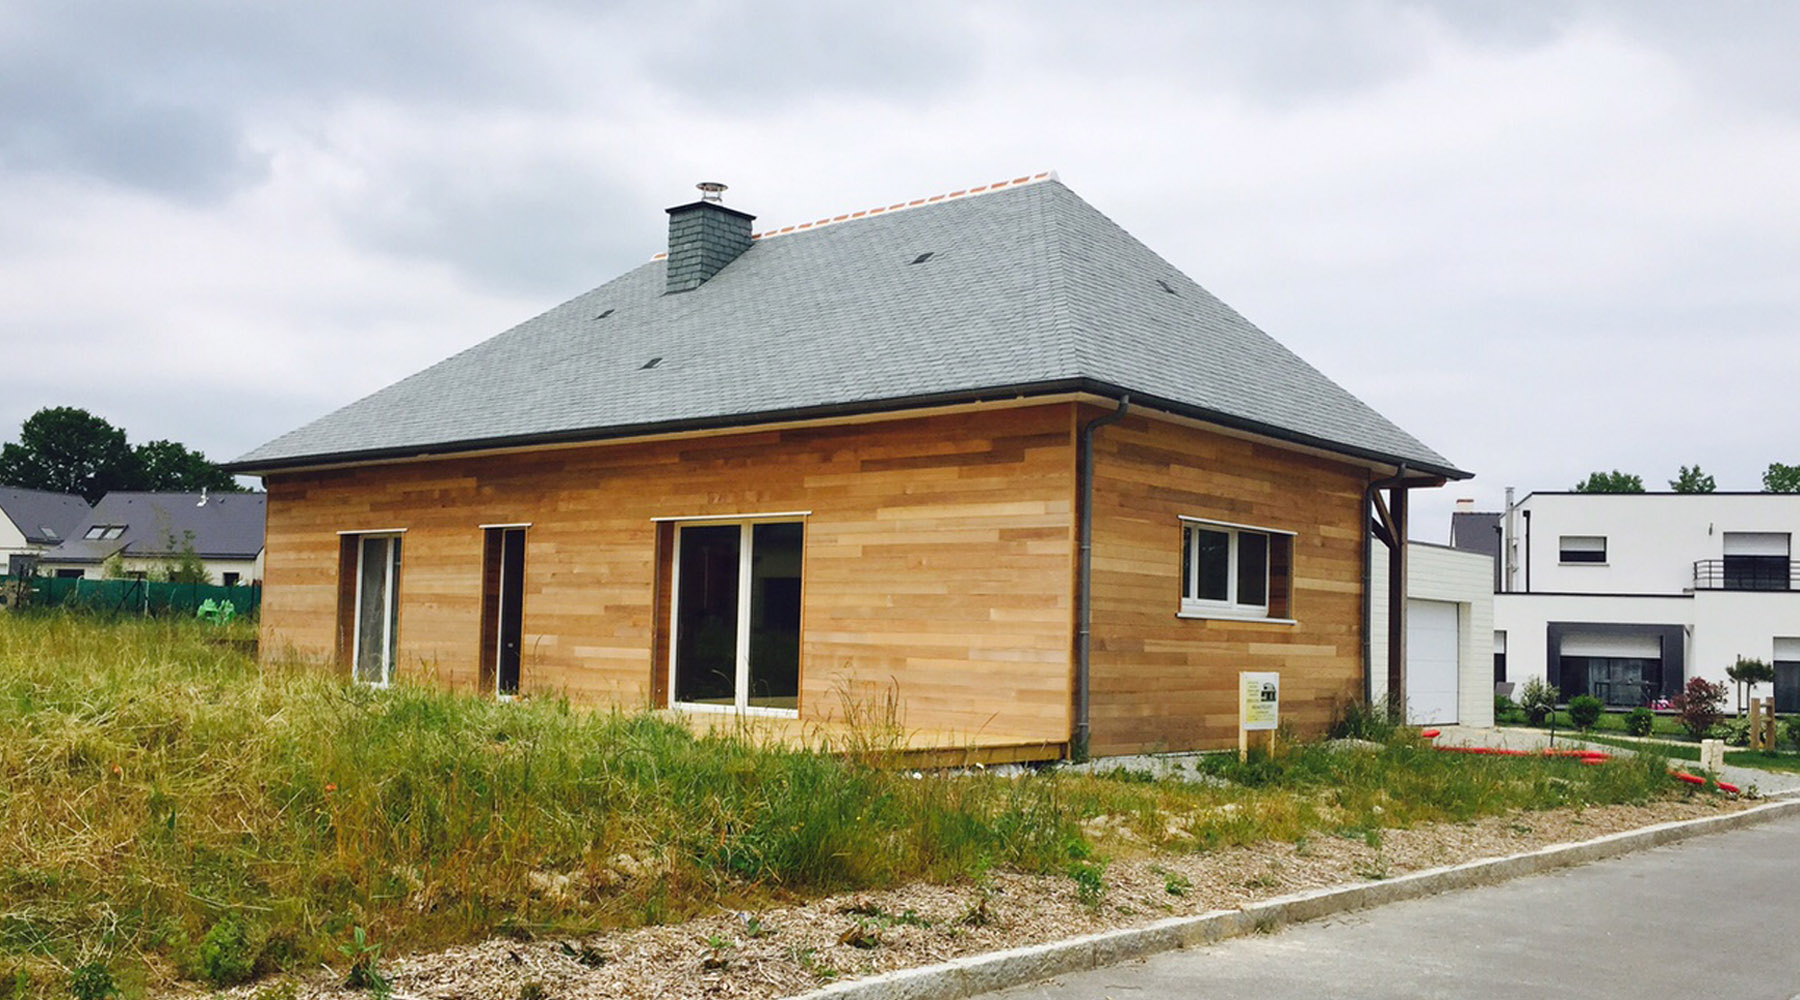 projet f 1 2 vue architecte lise roturier rennes 35000. Black Bedroom Furniture Sets. Home Design Ideas